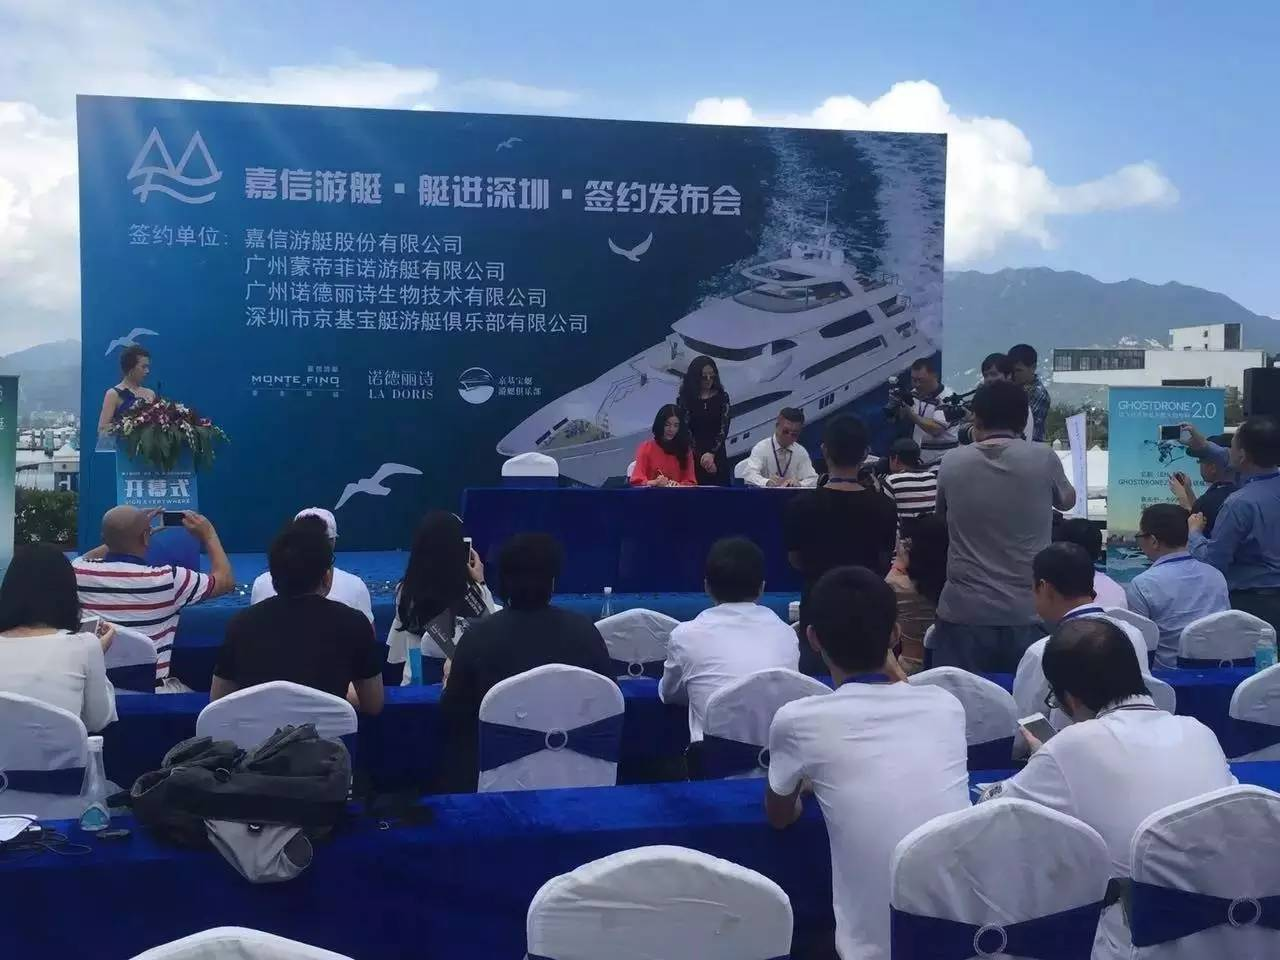 第十届深圳国际游艇展闭幕!游艇行业的新台阶在哪里? 77ce5fd14f2f9355e466d574937f2829.jpg